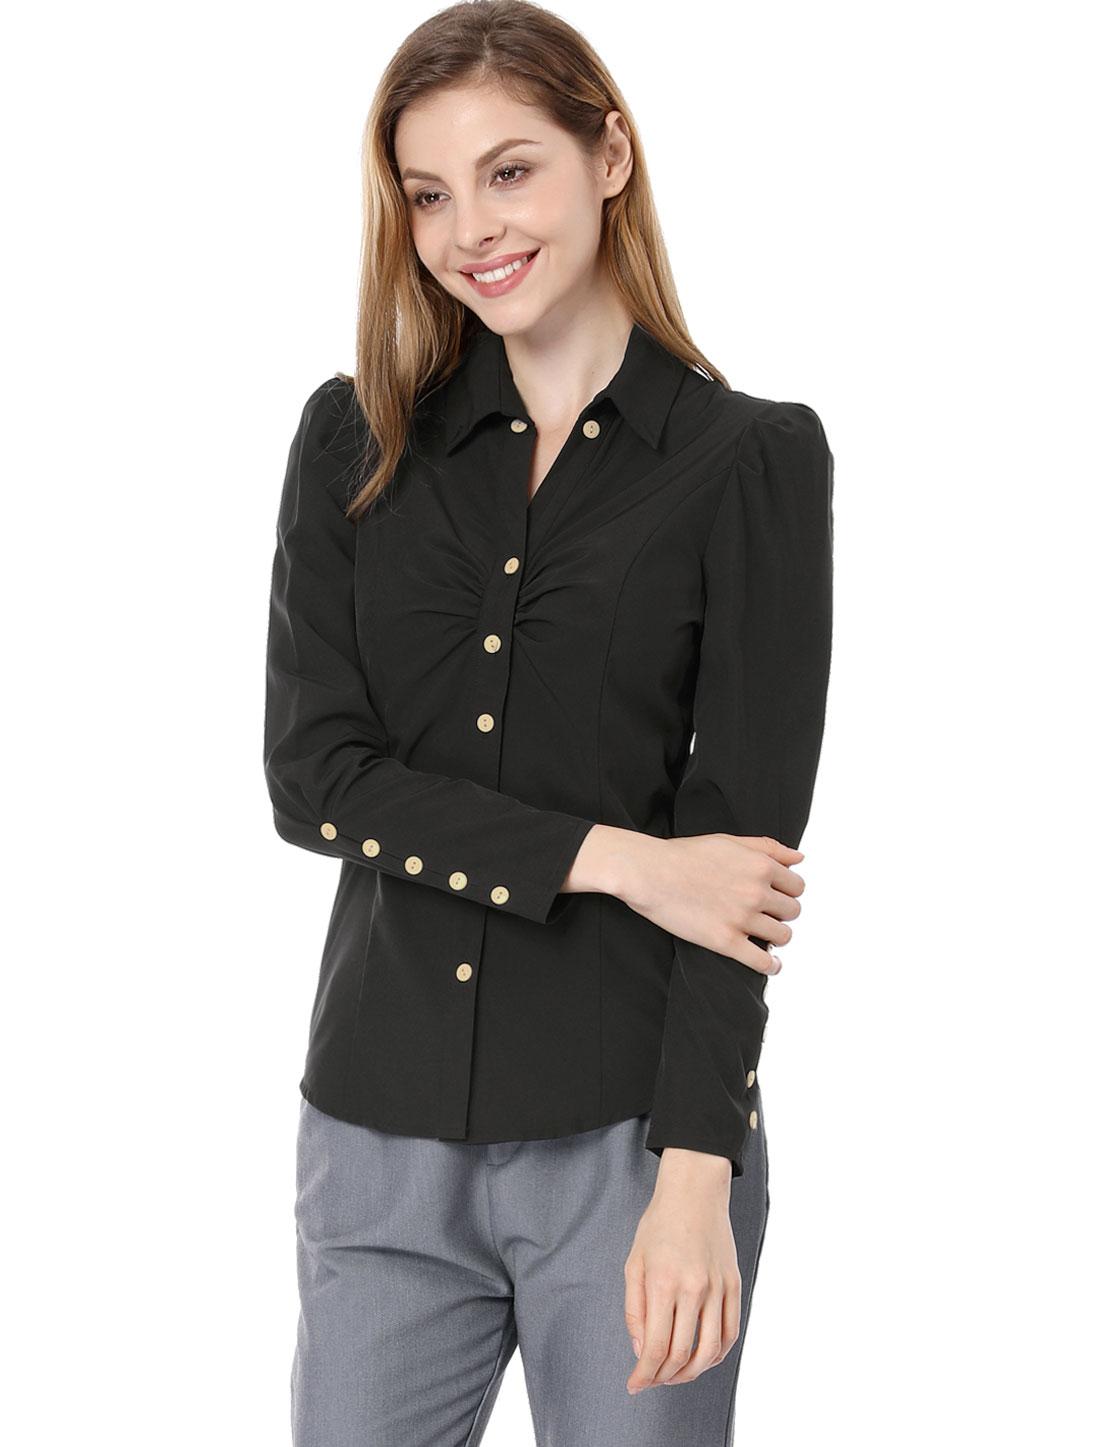 Women Point Collar Long Sleeve Button Decor Cuffs Shirt Black XS